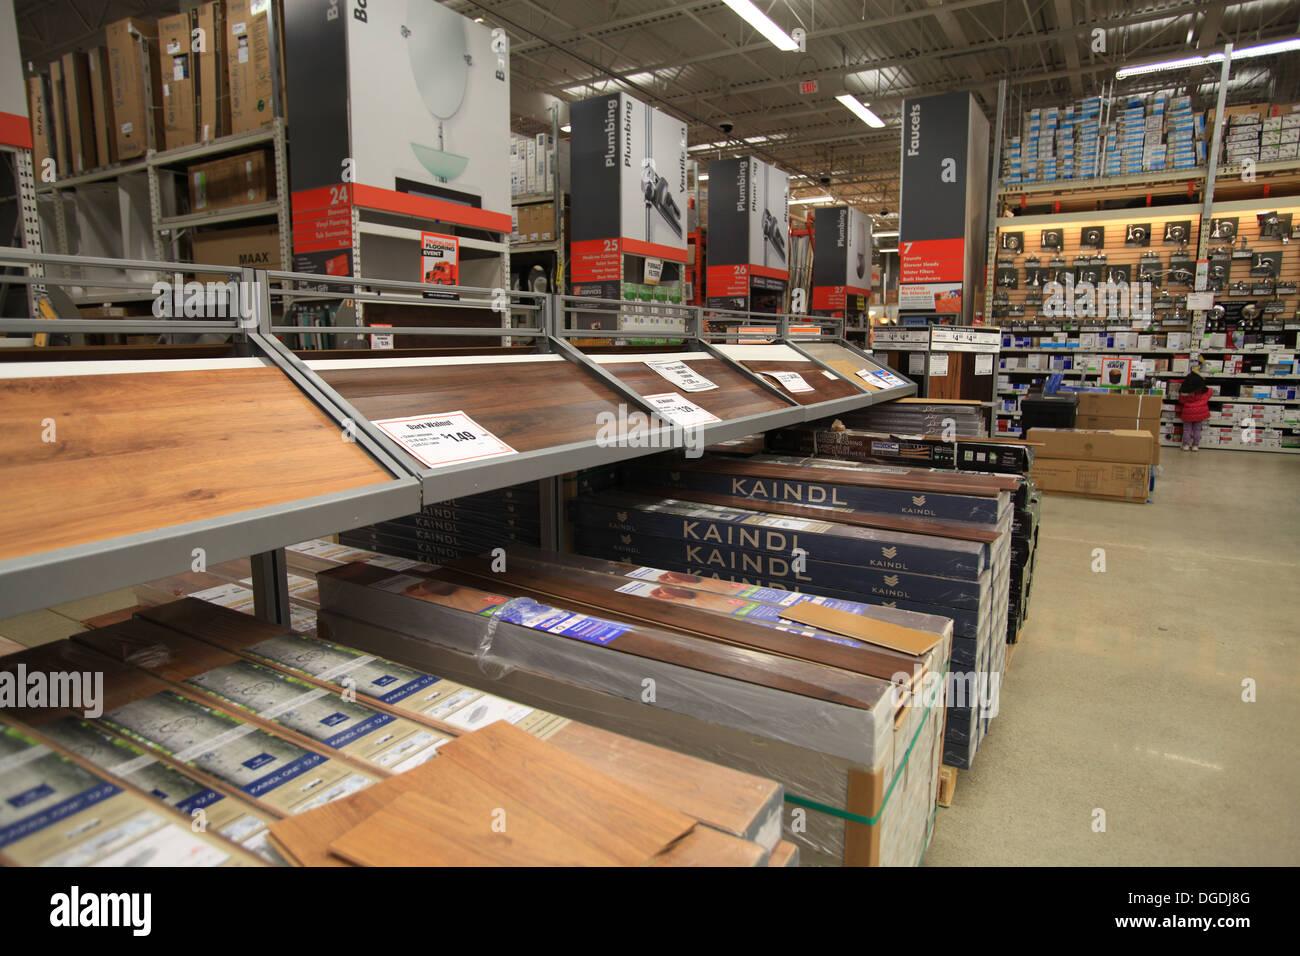 Hartholz  Und Laminatböden Muster Auf Dem Display In The Home Depot,  Kitchener, Ontario, Kanada